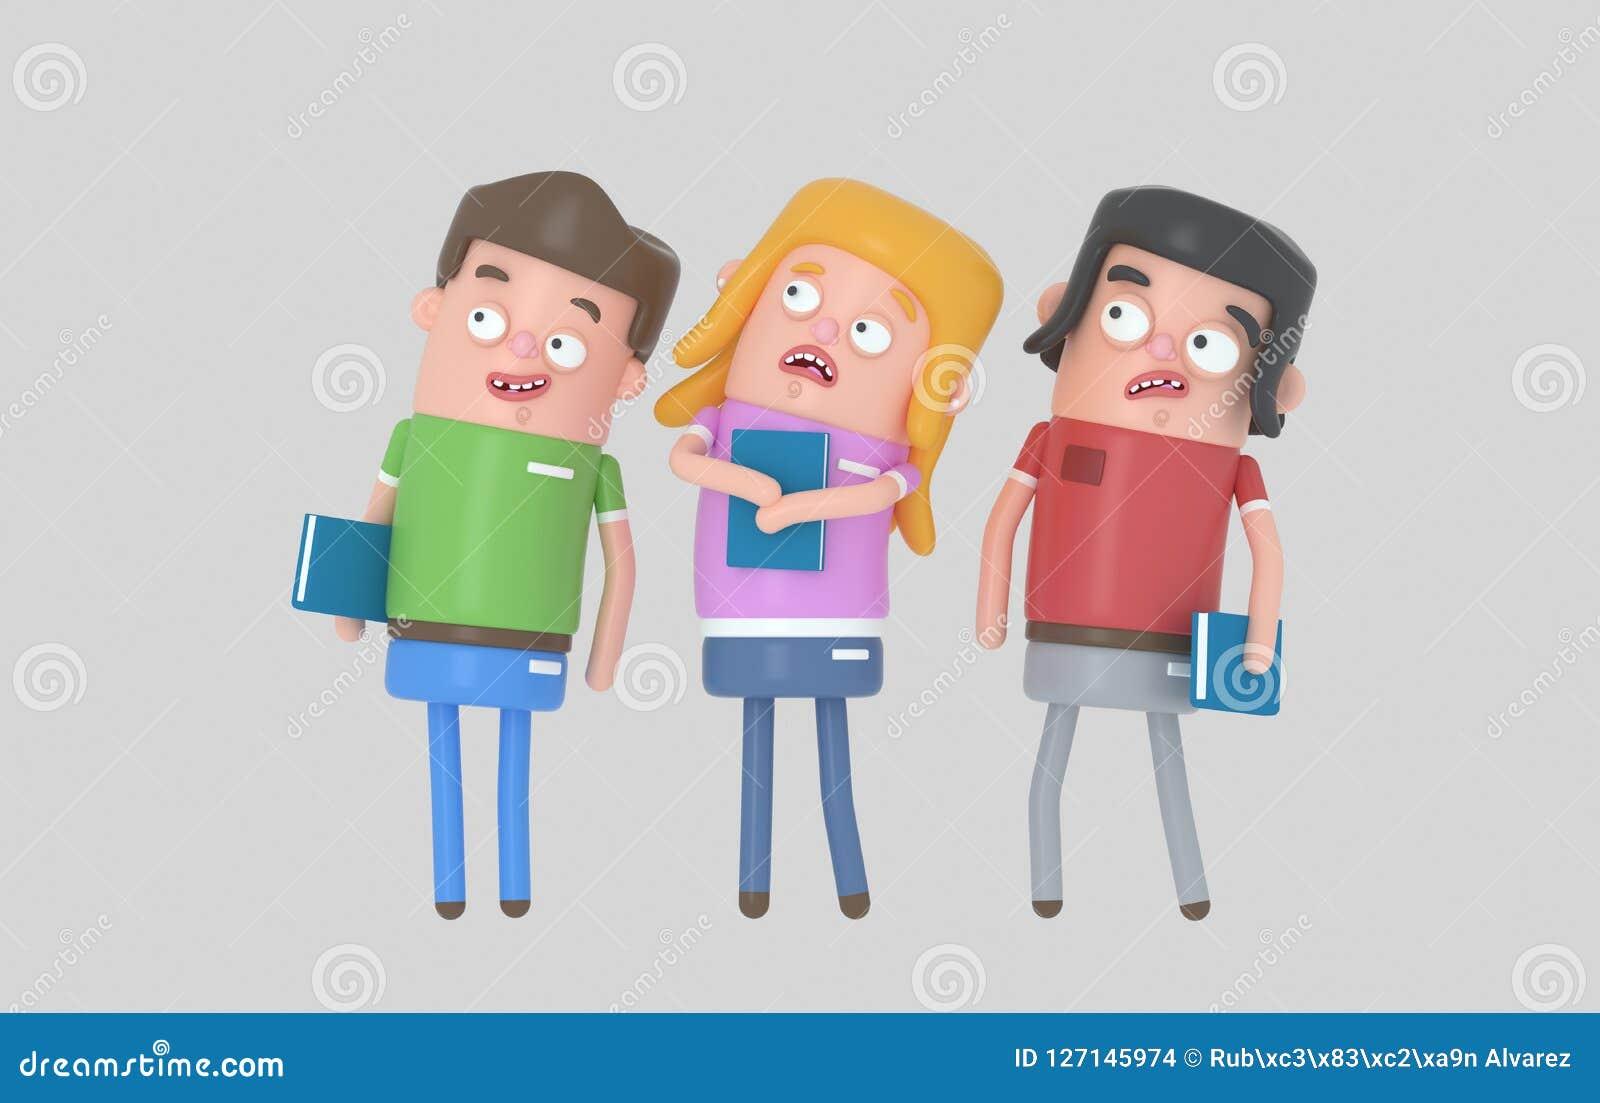 Ucznie płaci uwagę trzyma książkę 3d illustratiion